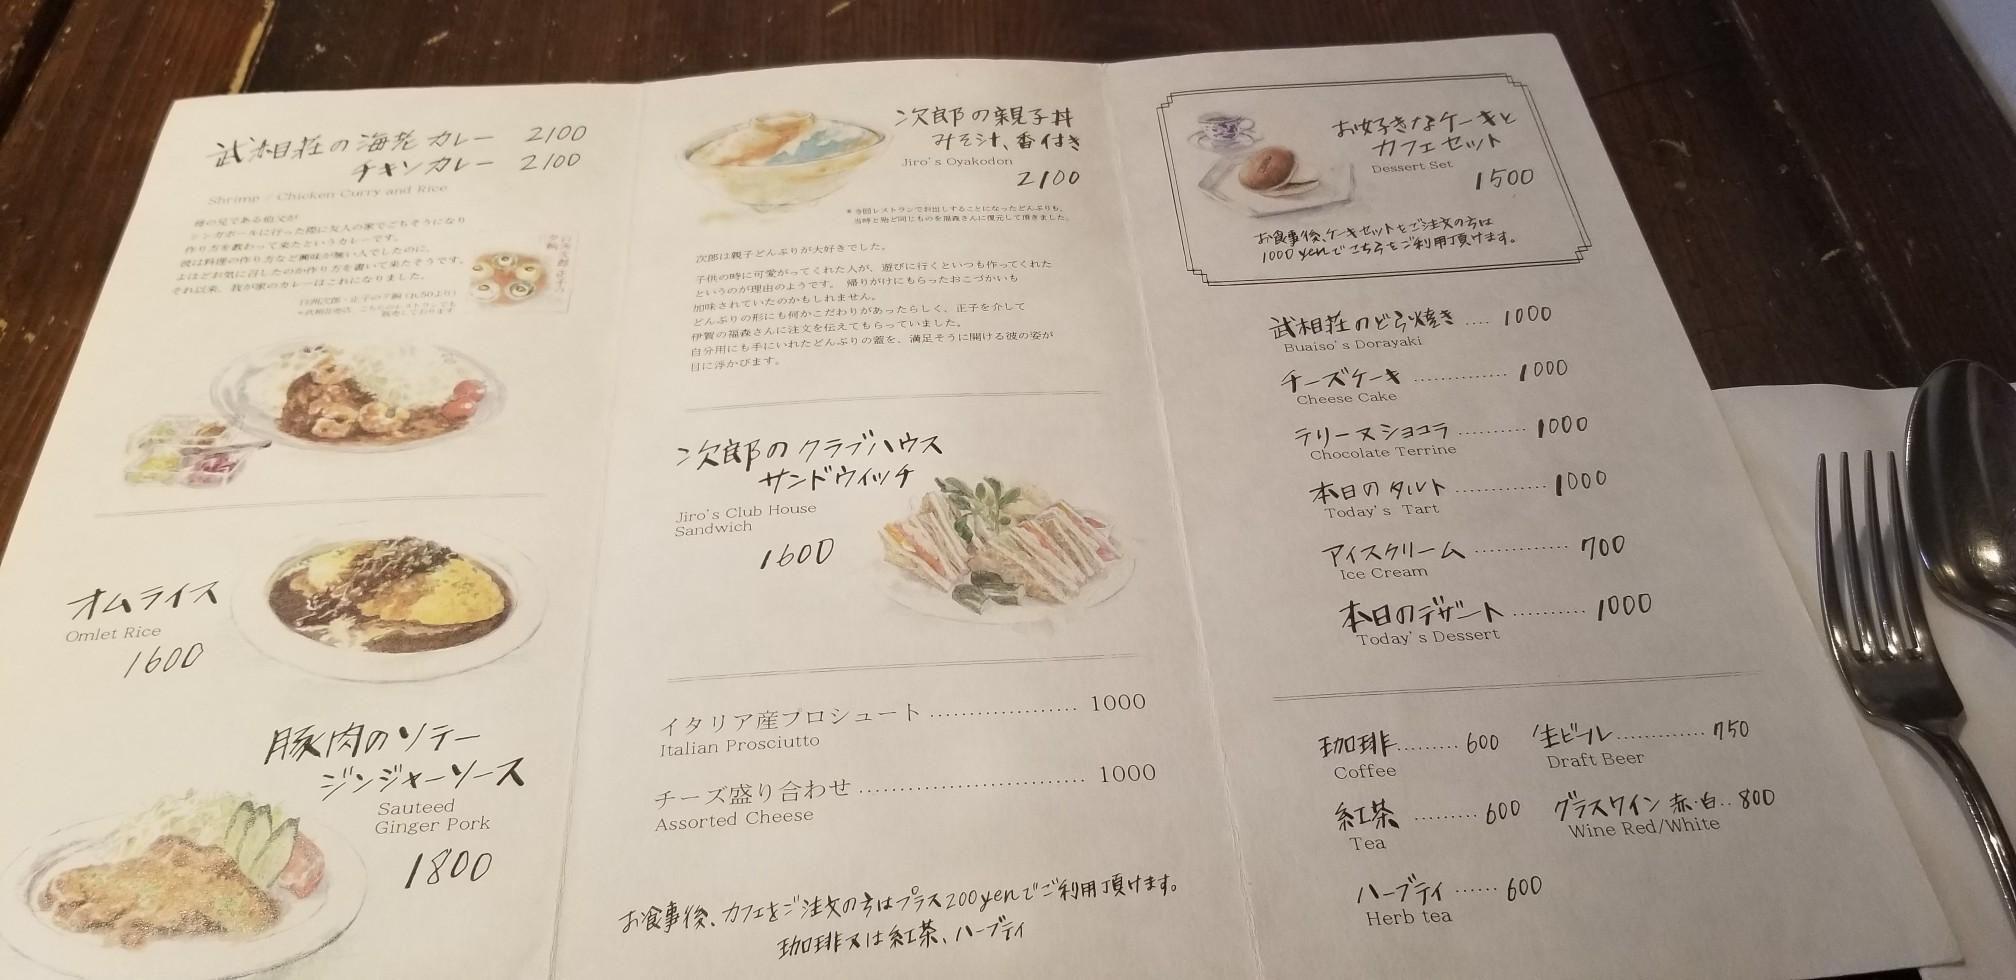 ♪食欲の秋満喫★女子会(武相荘)_d0162225_23432892.jpg